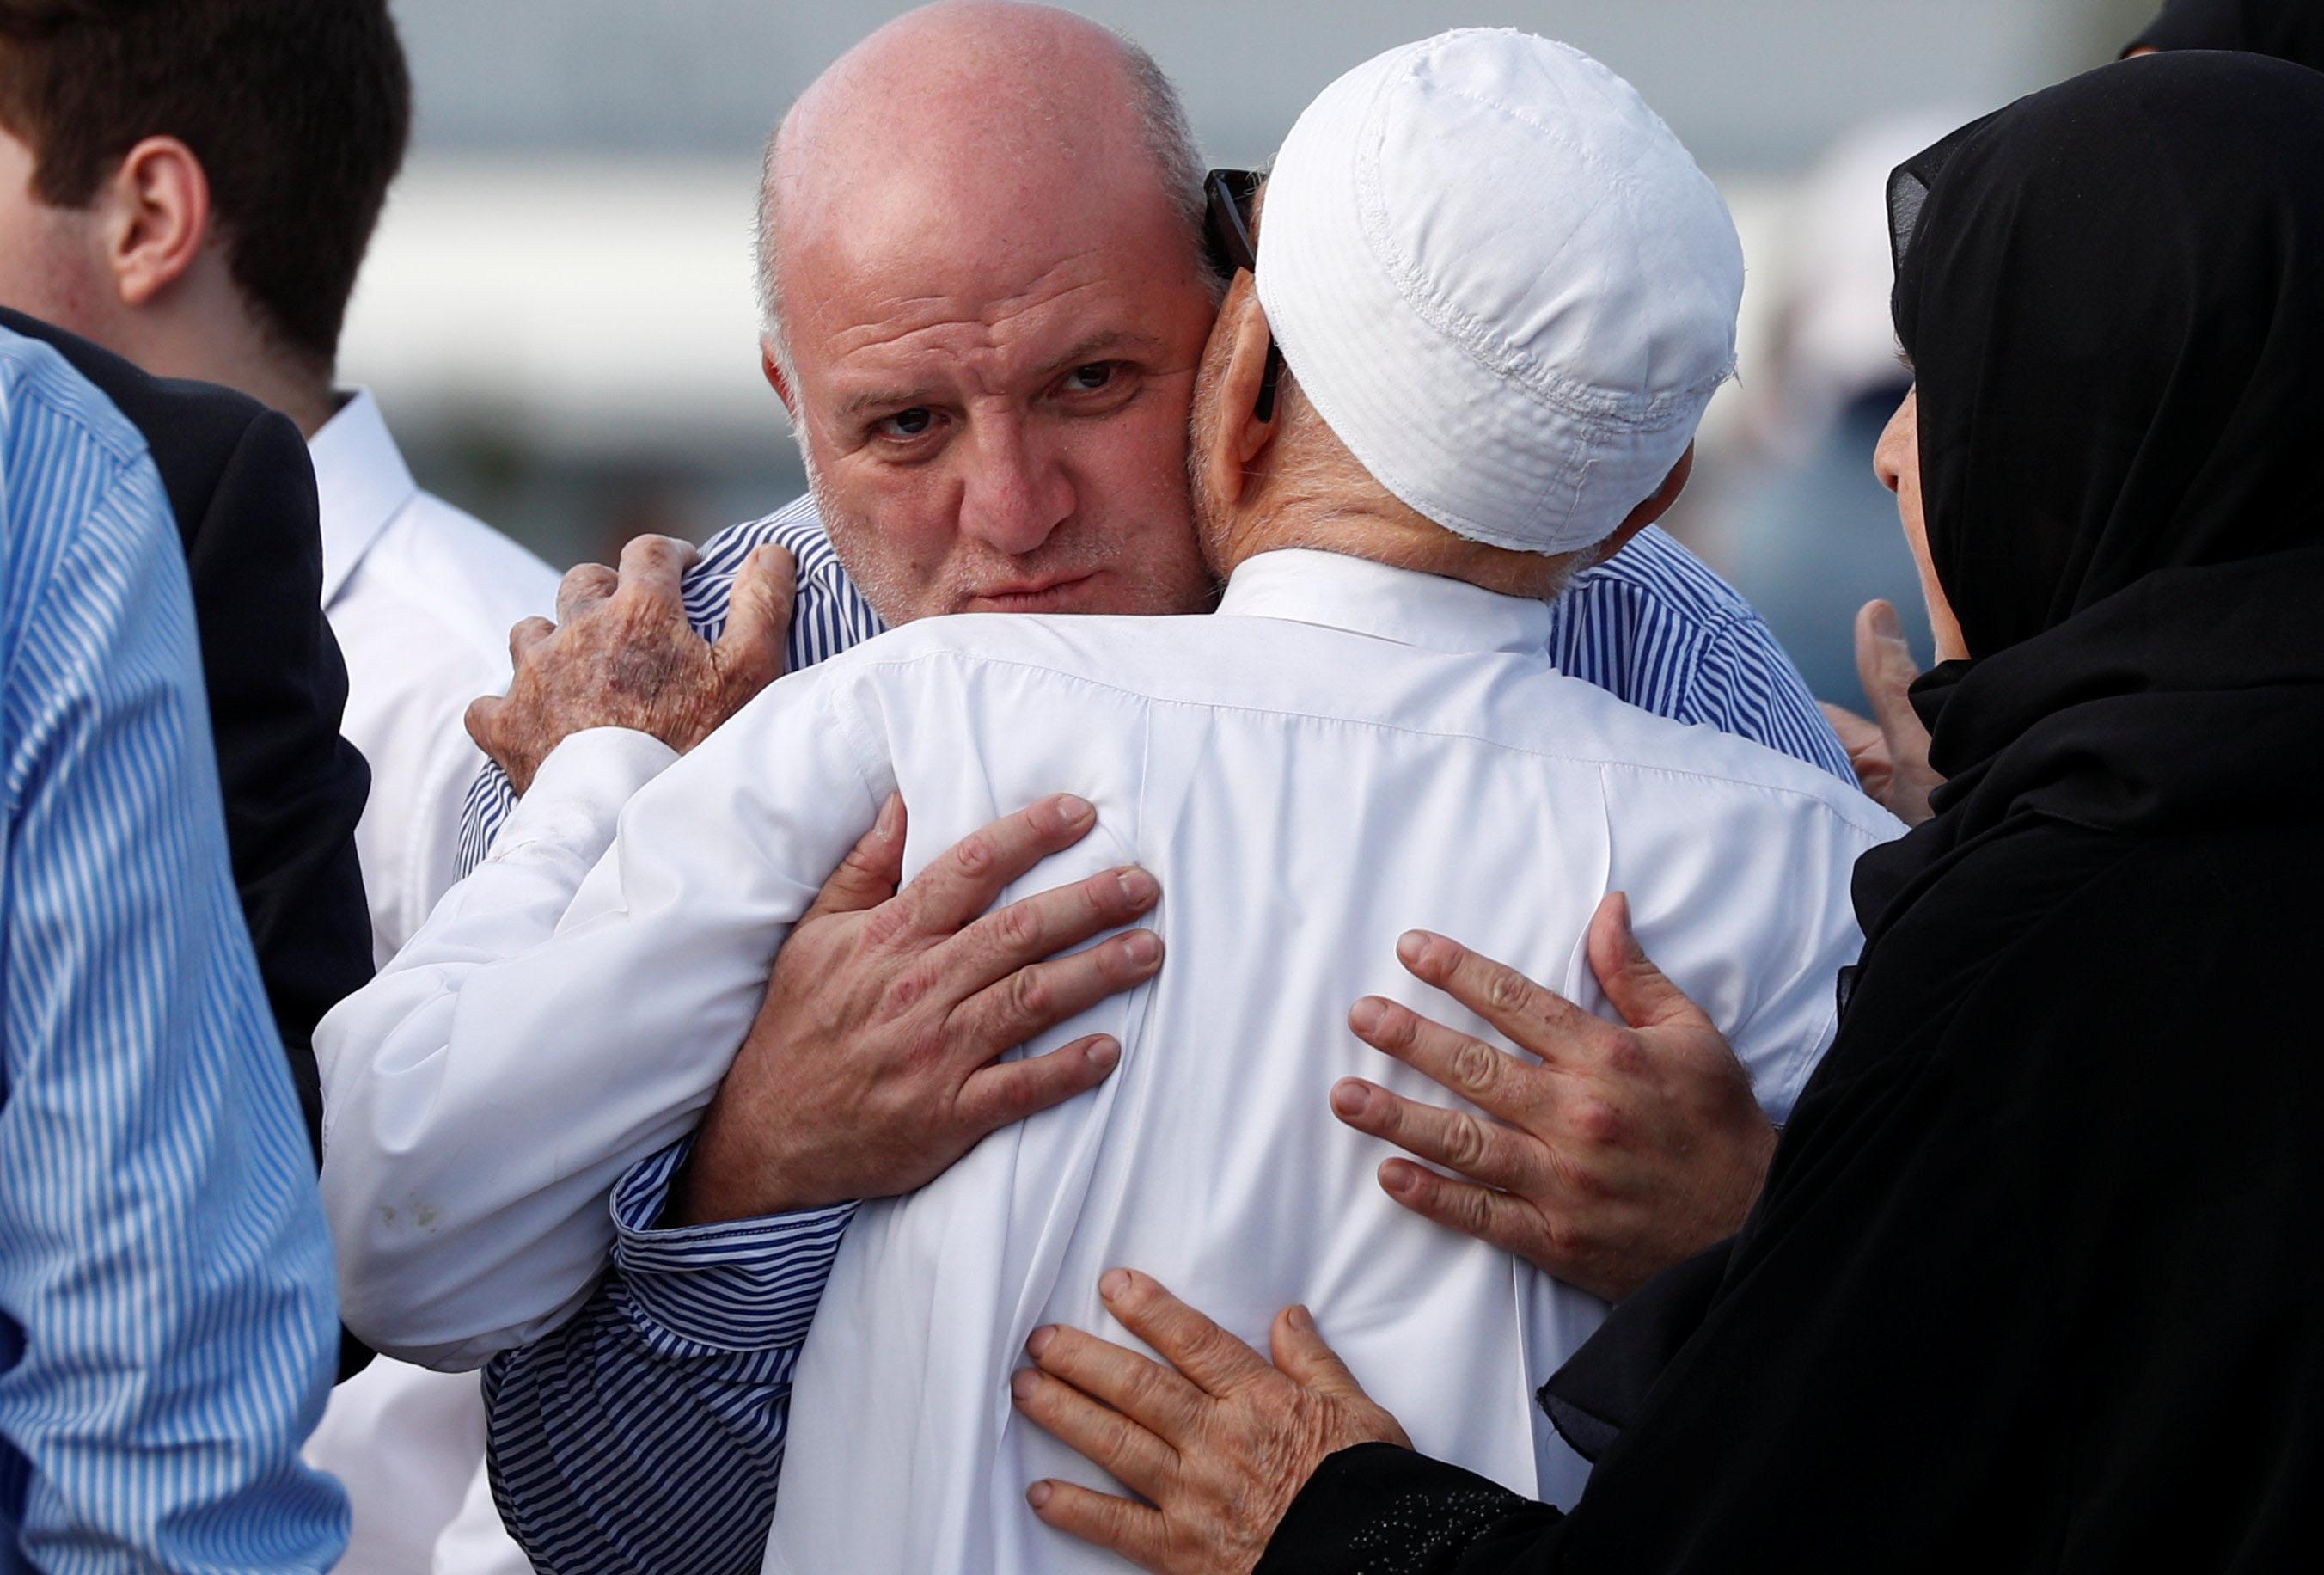 نمازِ جمعہ کے موقع پر جذباتی مناظر دیکھنے میں آئے۔ تصویر: رائٹرز